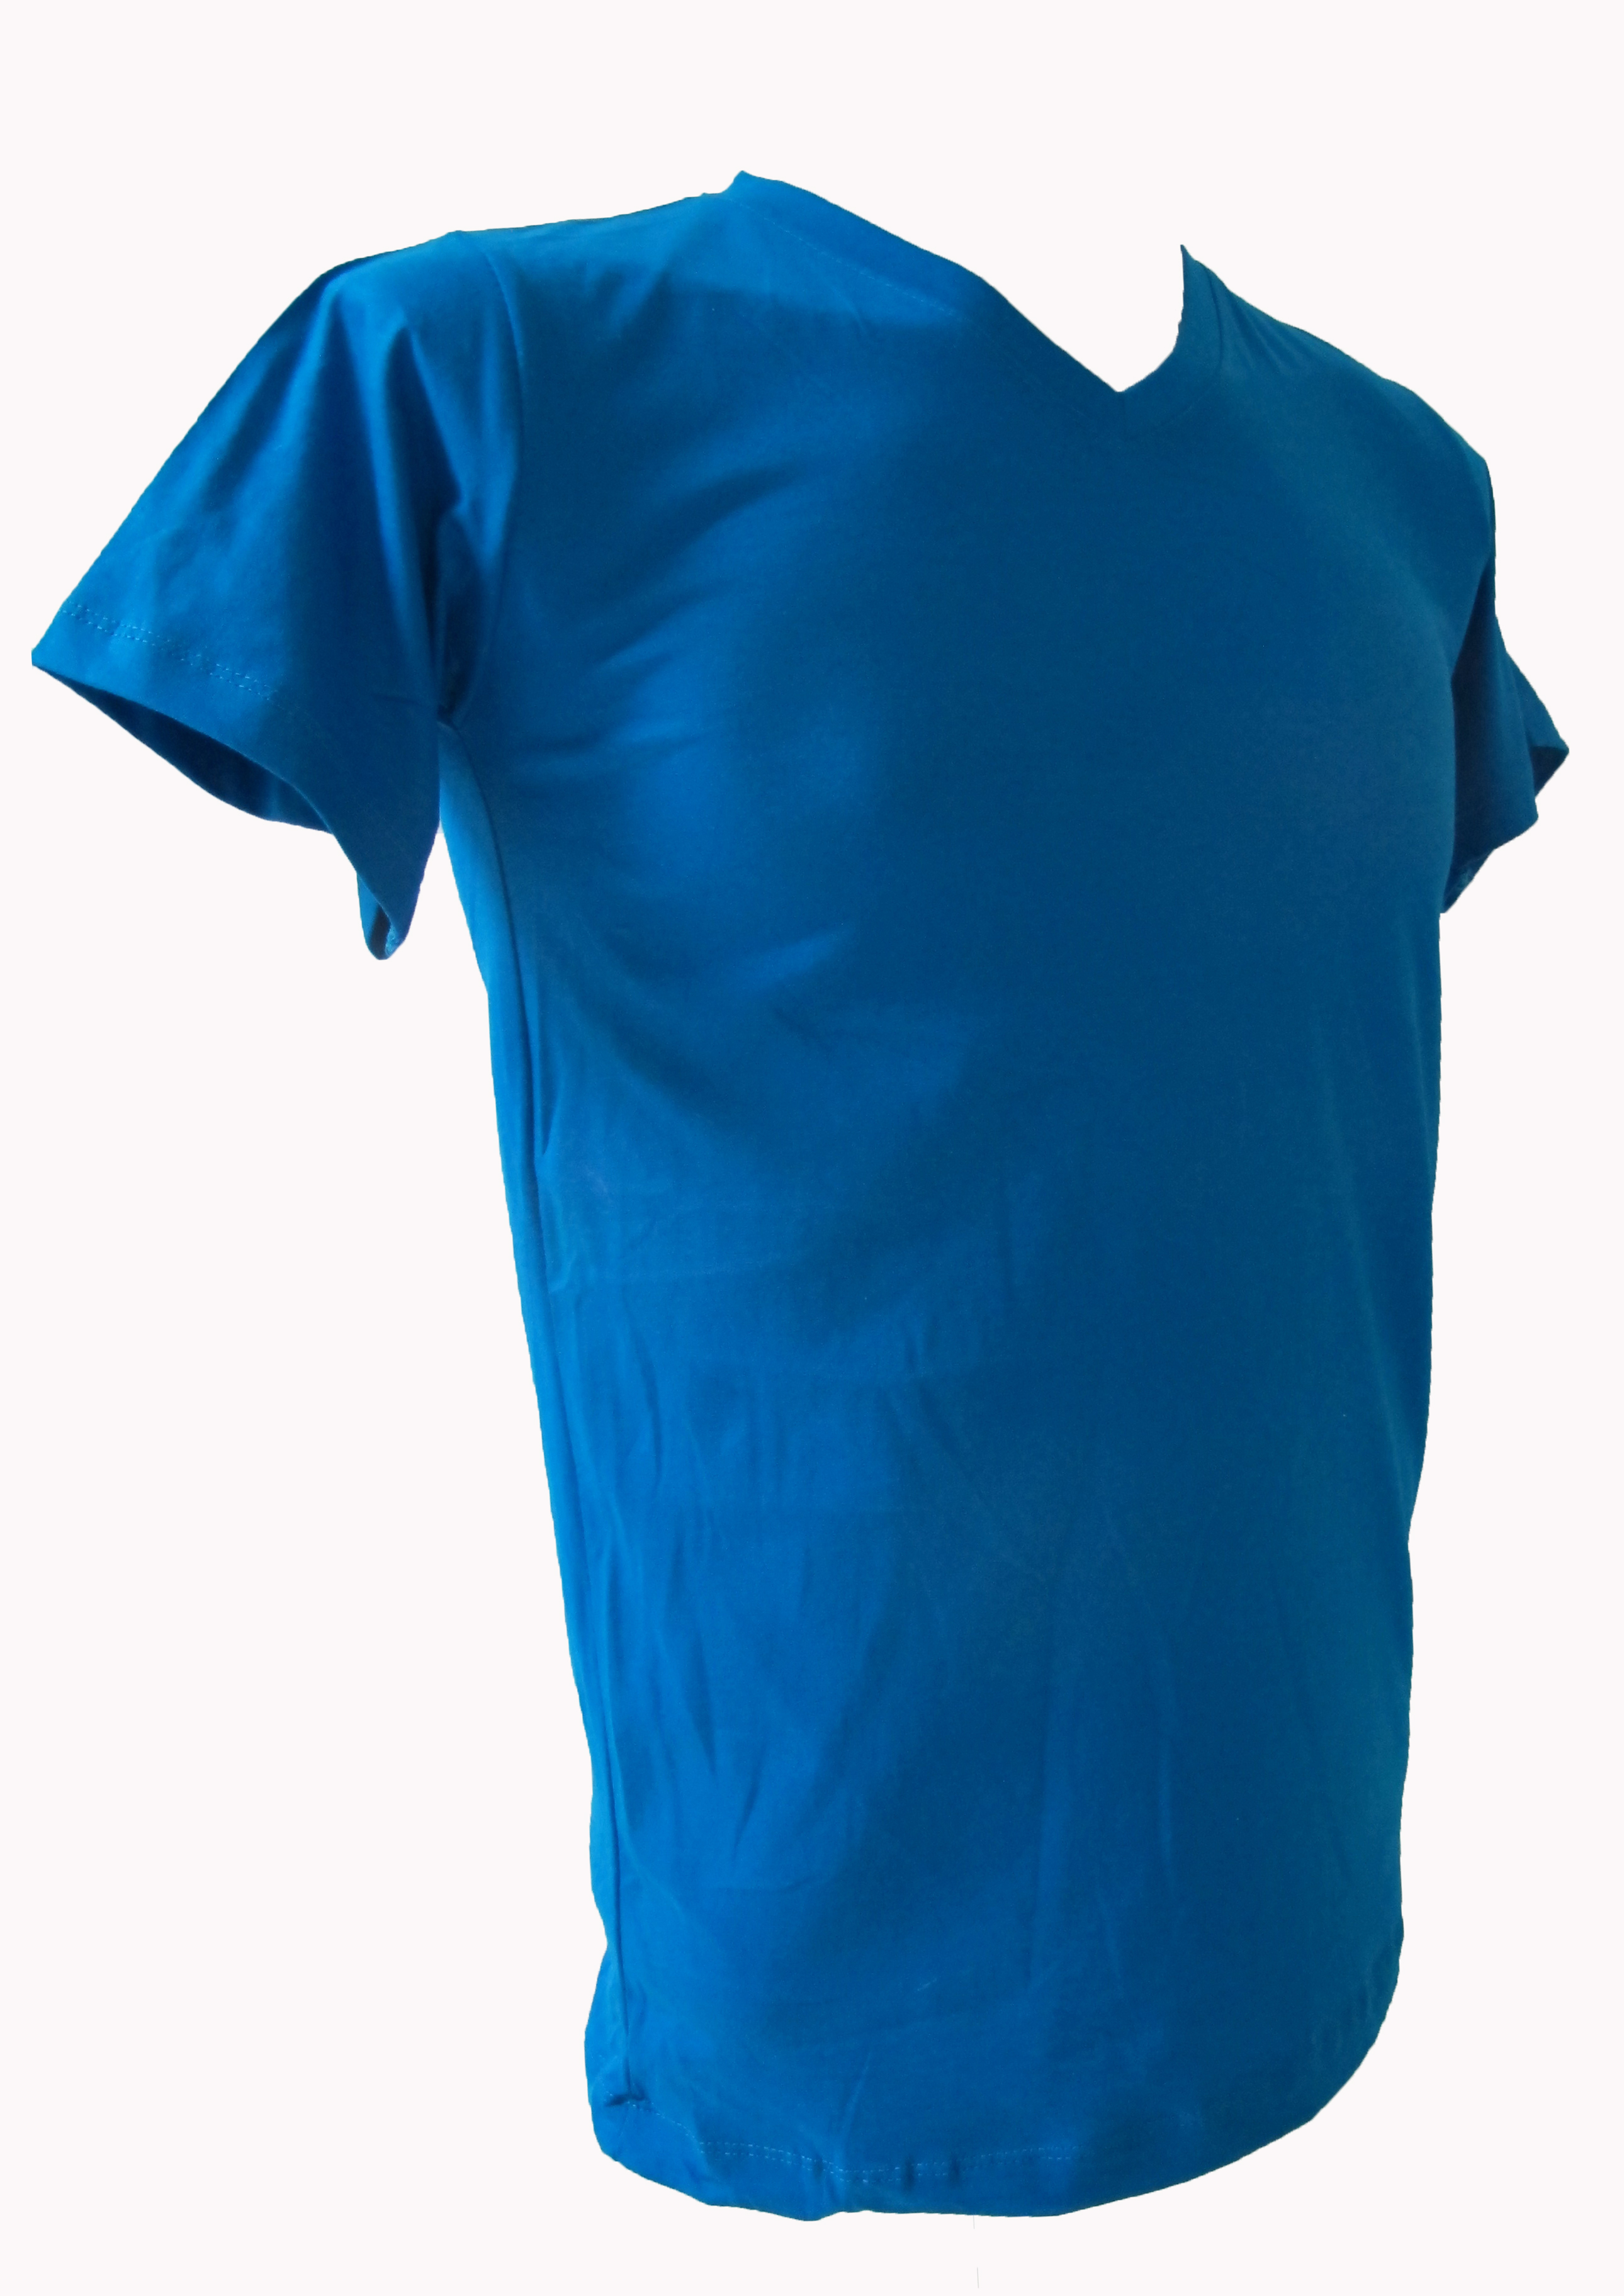 COTTON100% เบอร์32 เสื้อยืดแขนสั้น คอวี สีฟ้าทะเล